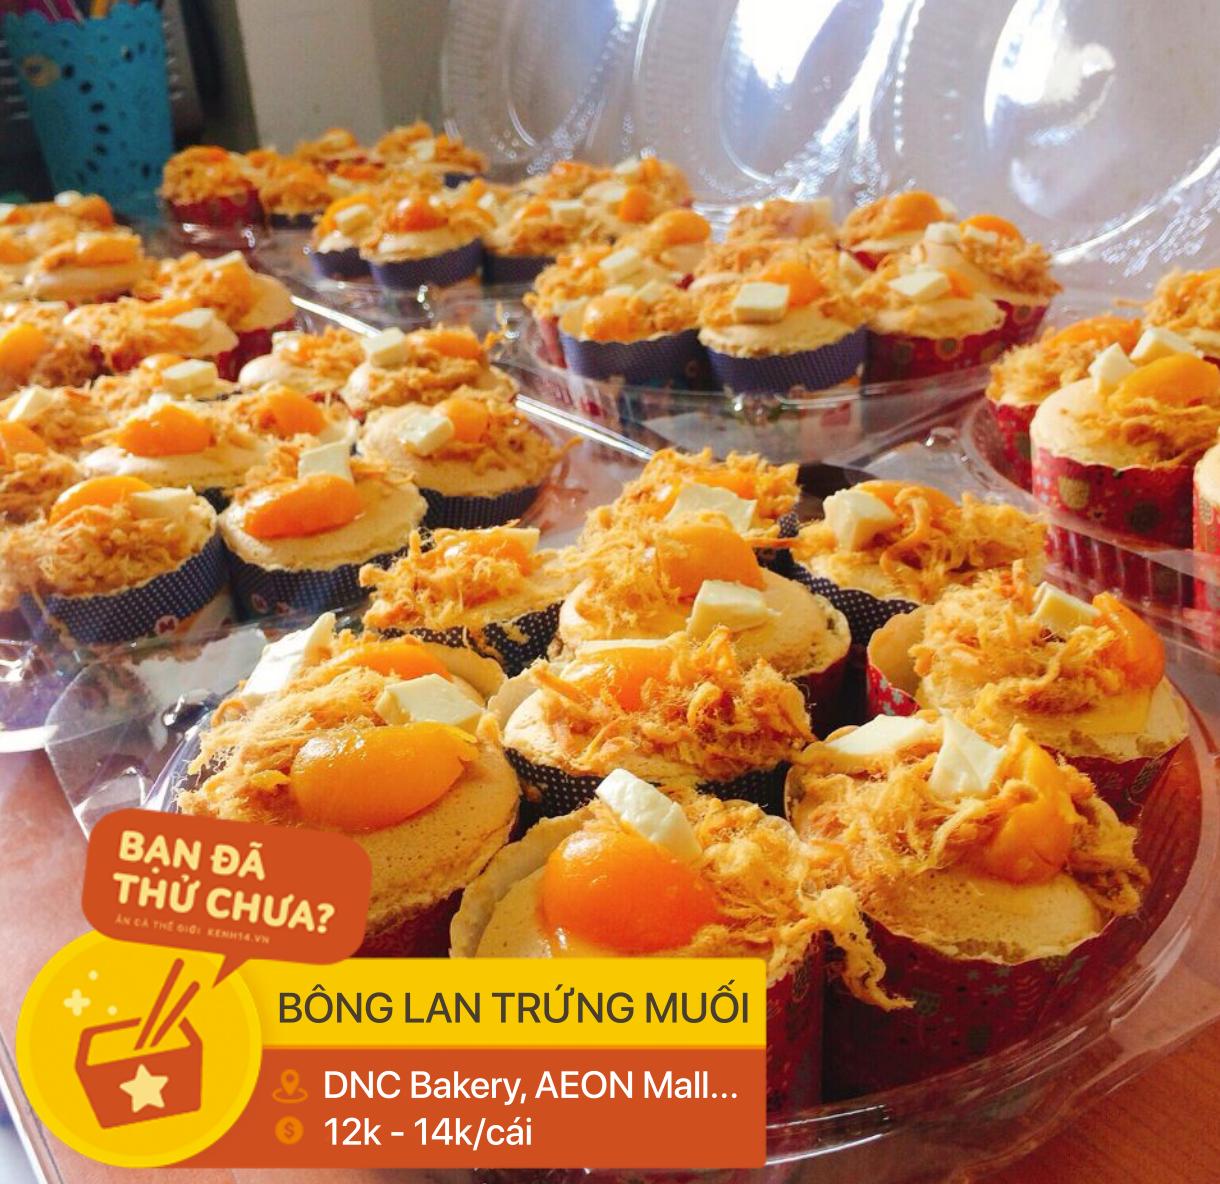 Sài Gòn có những món tráng miệng kết hợp mặn ngọt rất độc đáo, có món còn bỏ cả thịt heo quay vào chè - Ảnh 9.